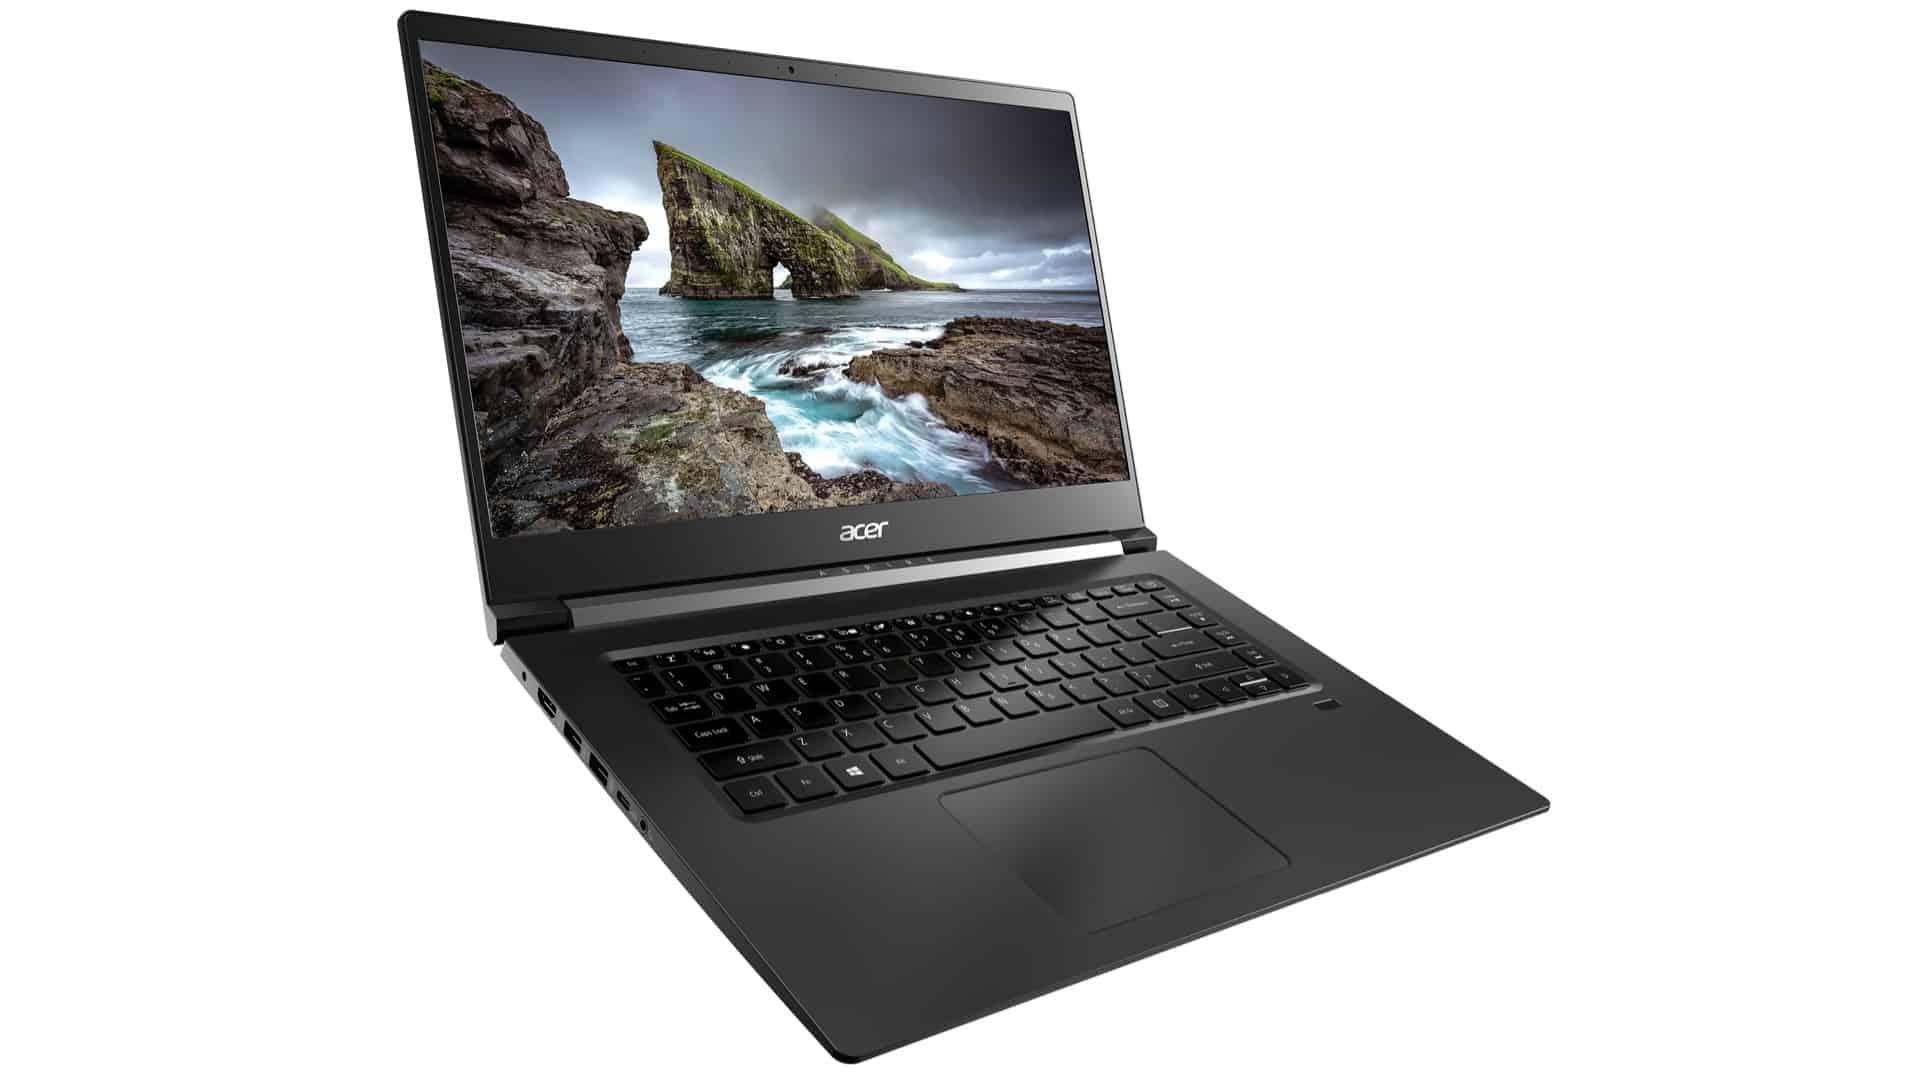 Axer Aspire 7 consumer laptop